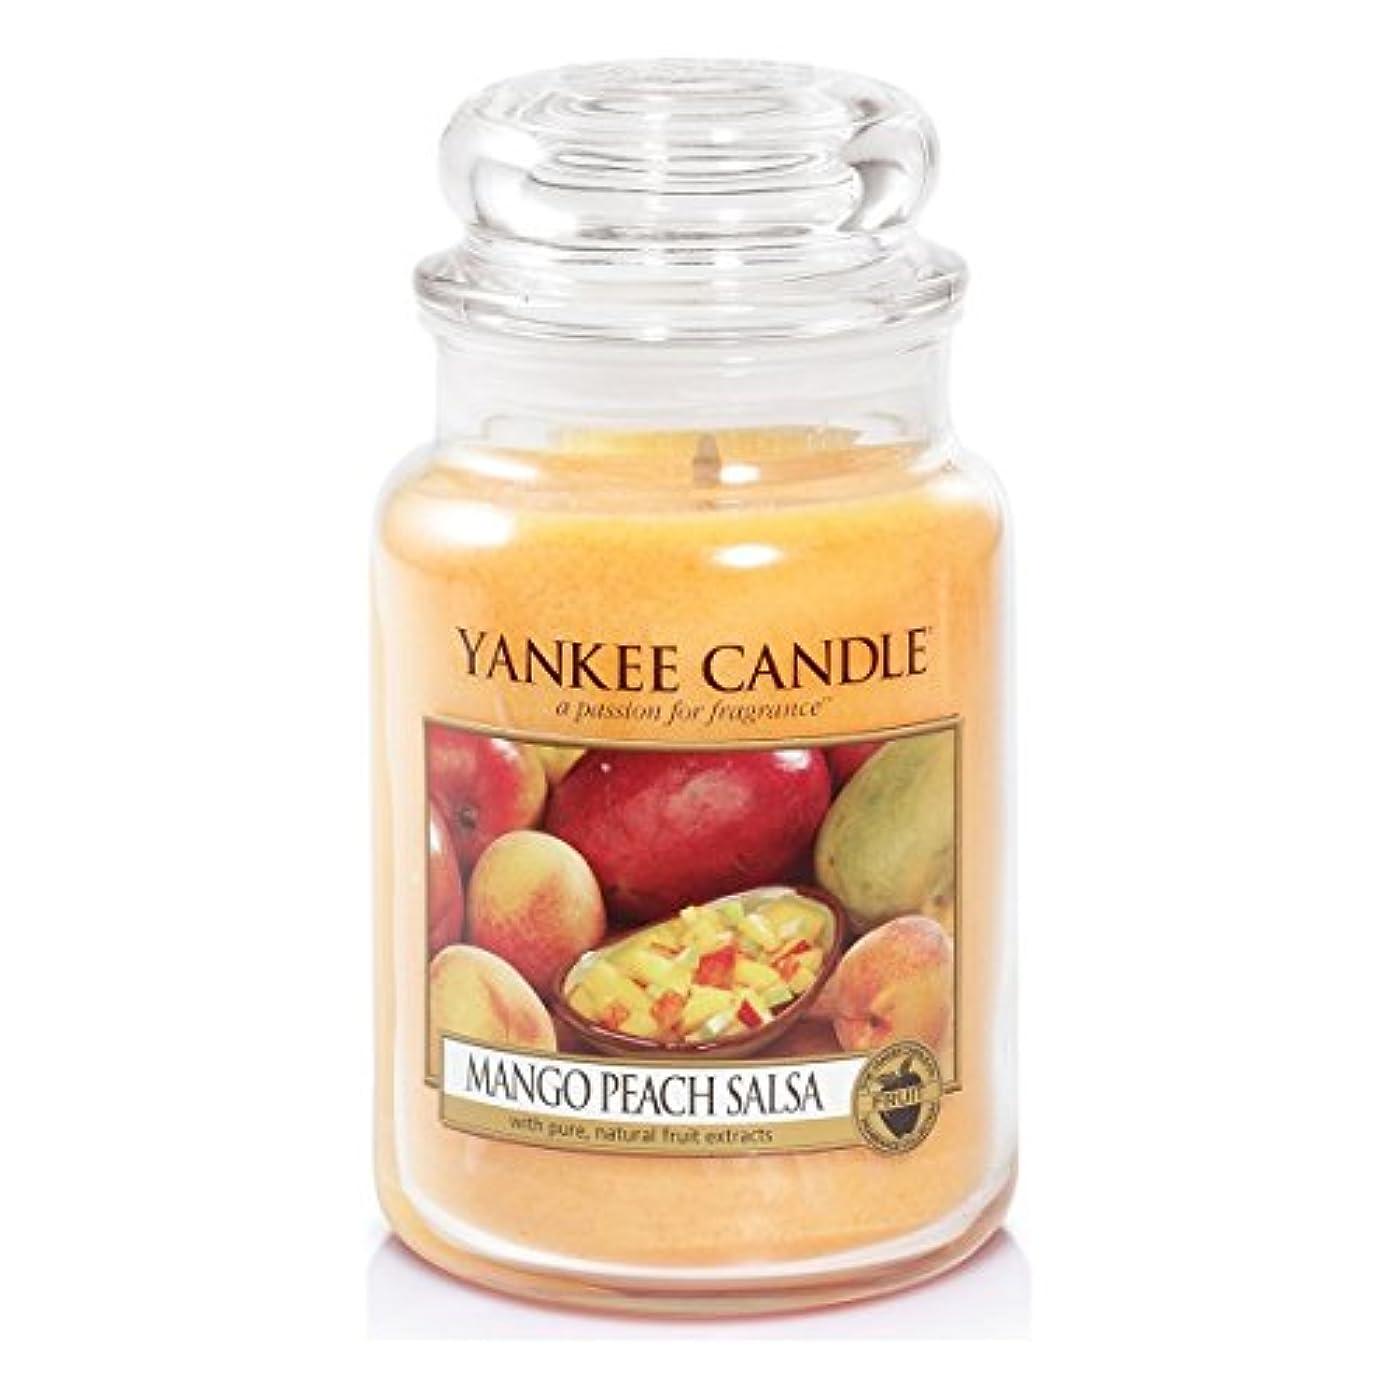 橋申し立て環境に優しいYankee Candle Large Jar Candle, Mango Peach Salsa by Yankee Candle